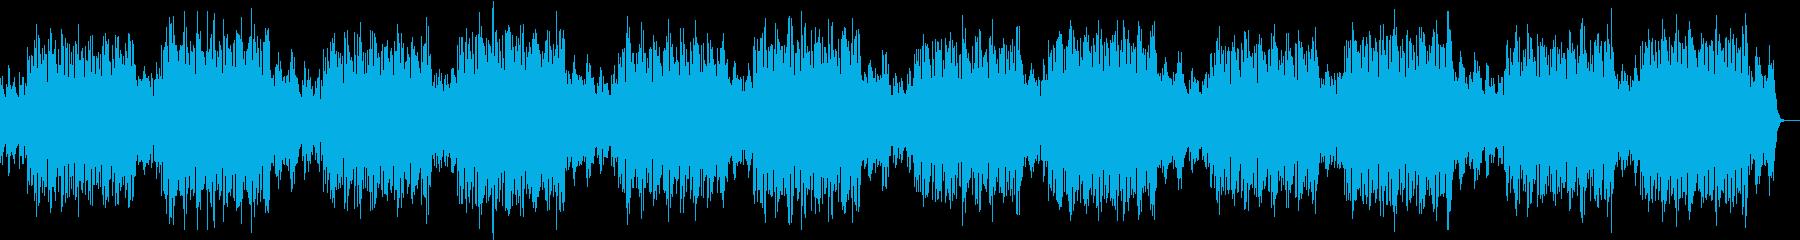 チルアウト、lofiヒップホップの再生済みの波形